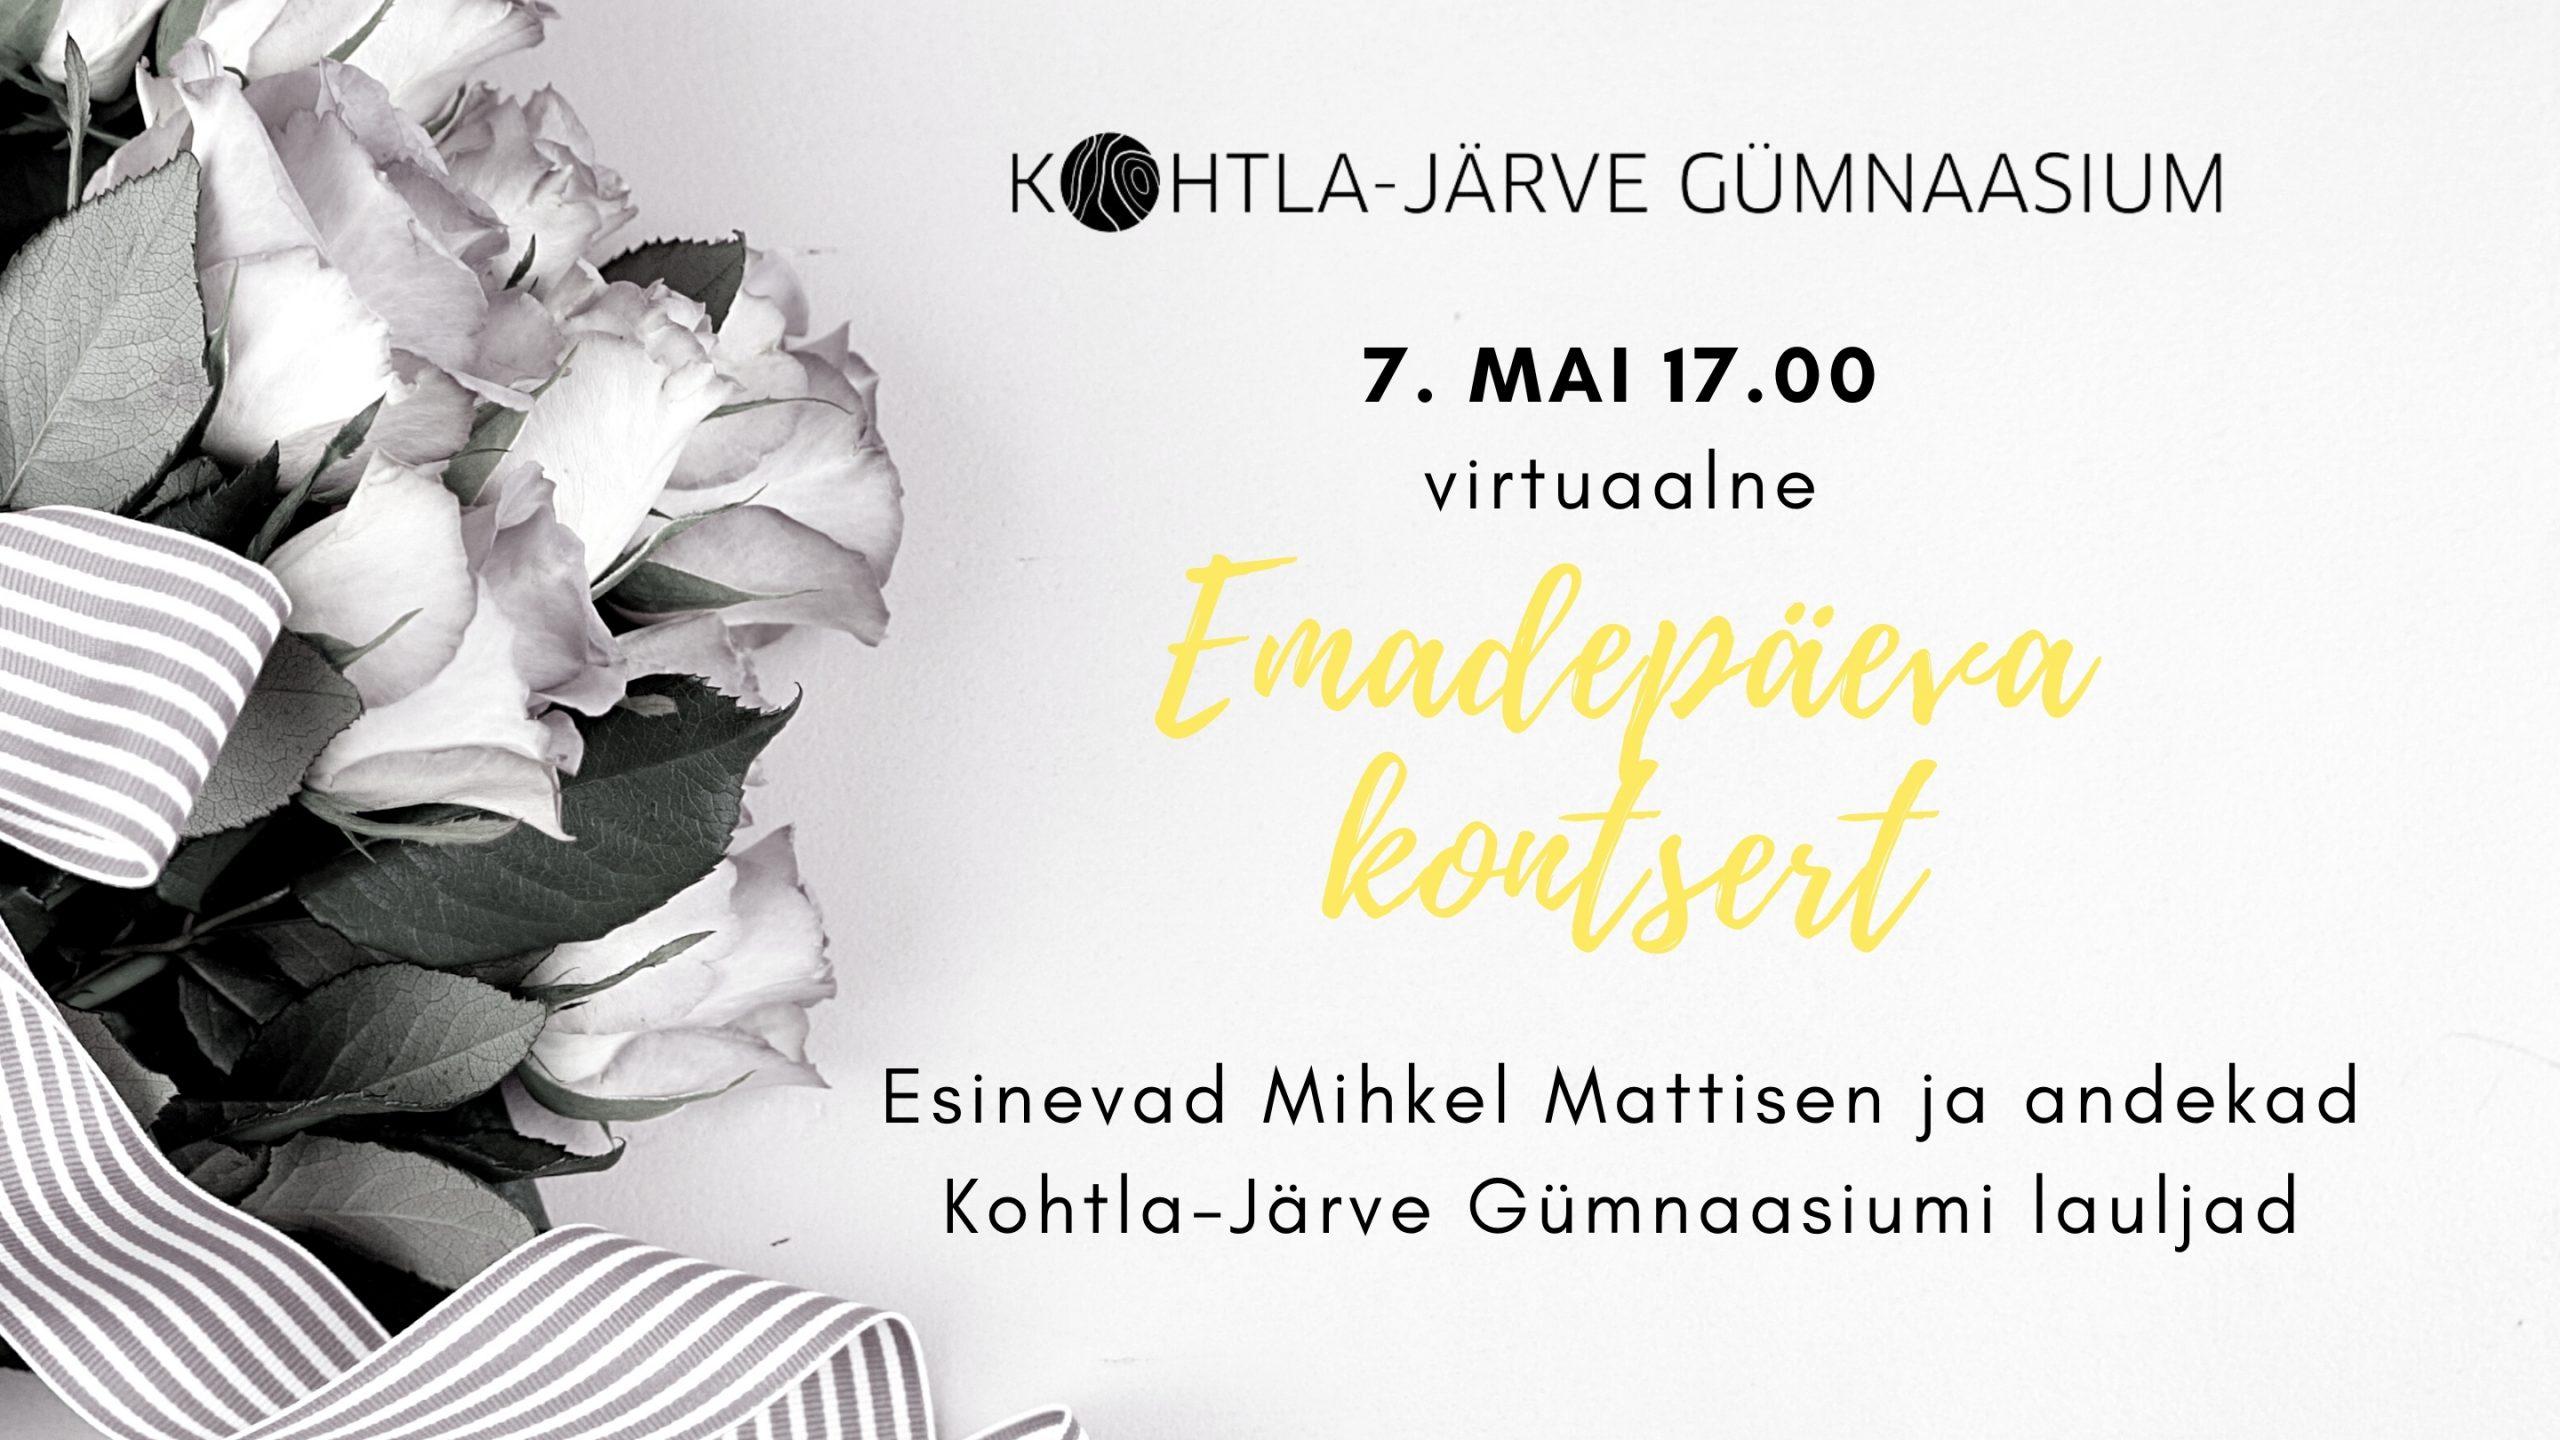 Virtuaalne emadepäeva kontsert!